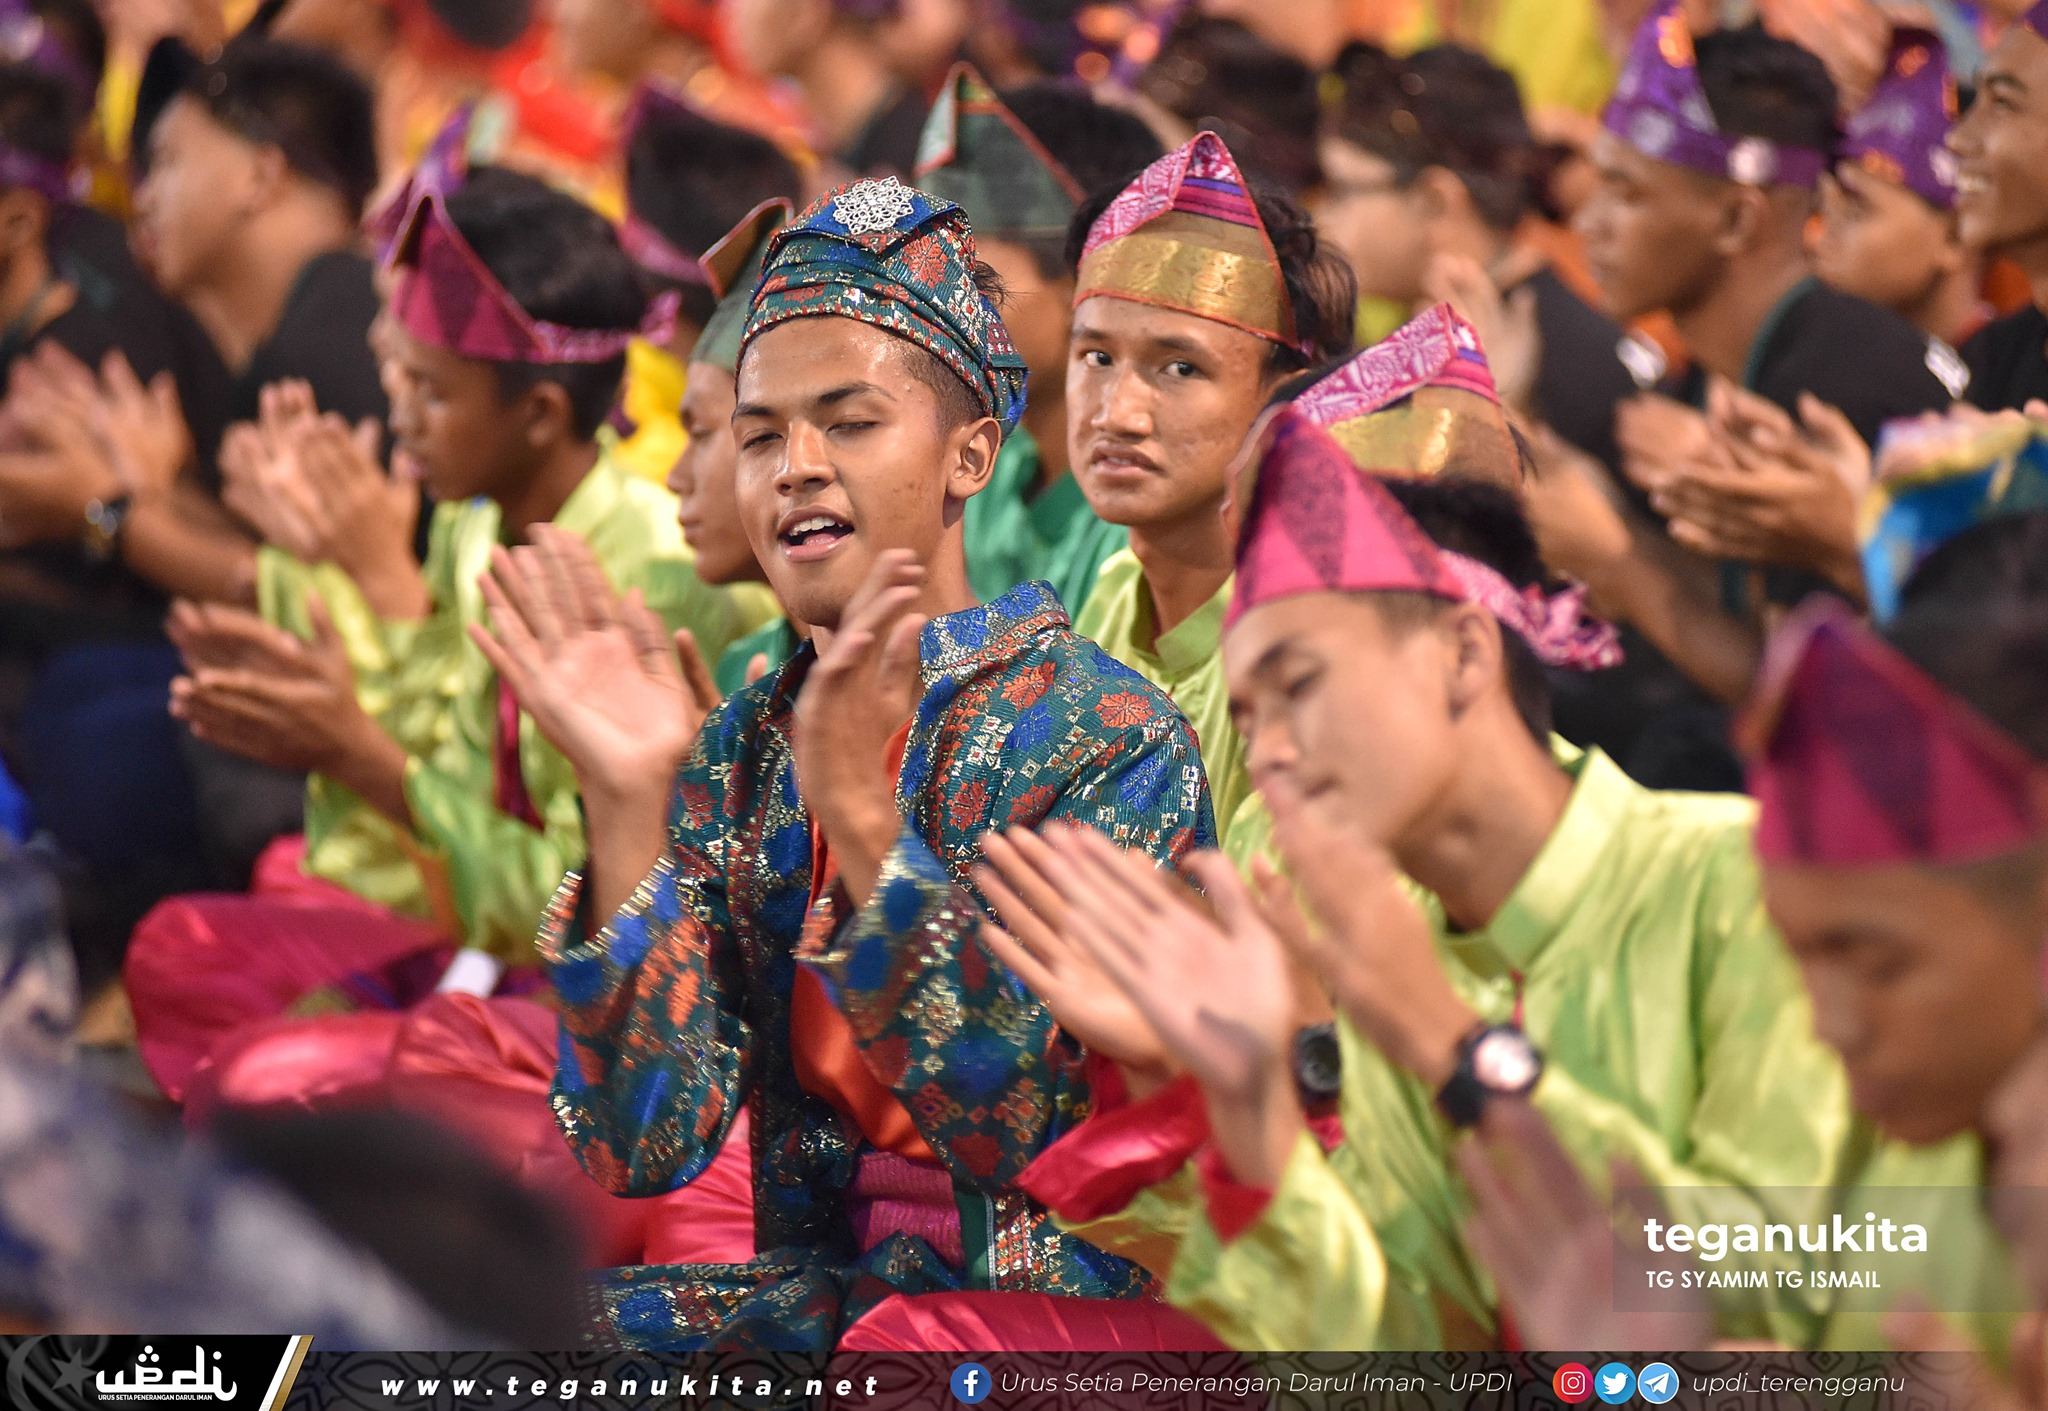 Buat julung kalinya kerajaan negeri melalui jabatan pelancongan menganjurkan persembahan dikir barat terbesar yang menampilkan 2020 orang peserta sekaligus mencipta nama dalam Malaysian Book Of Record